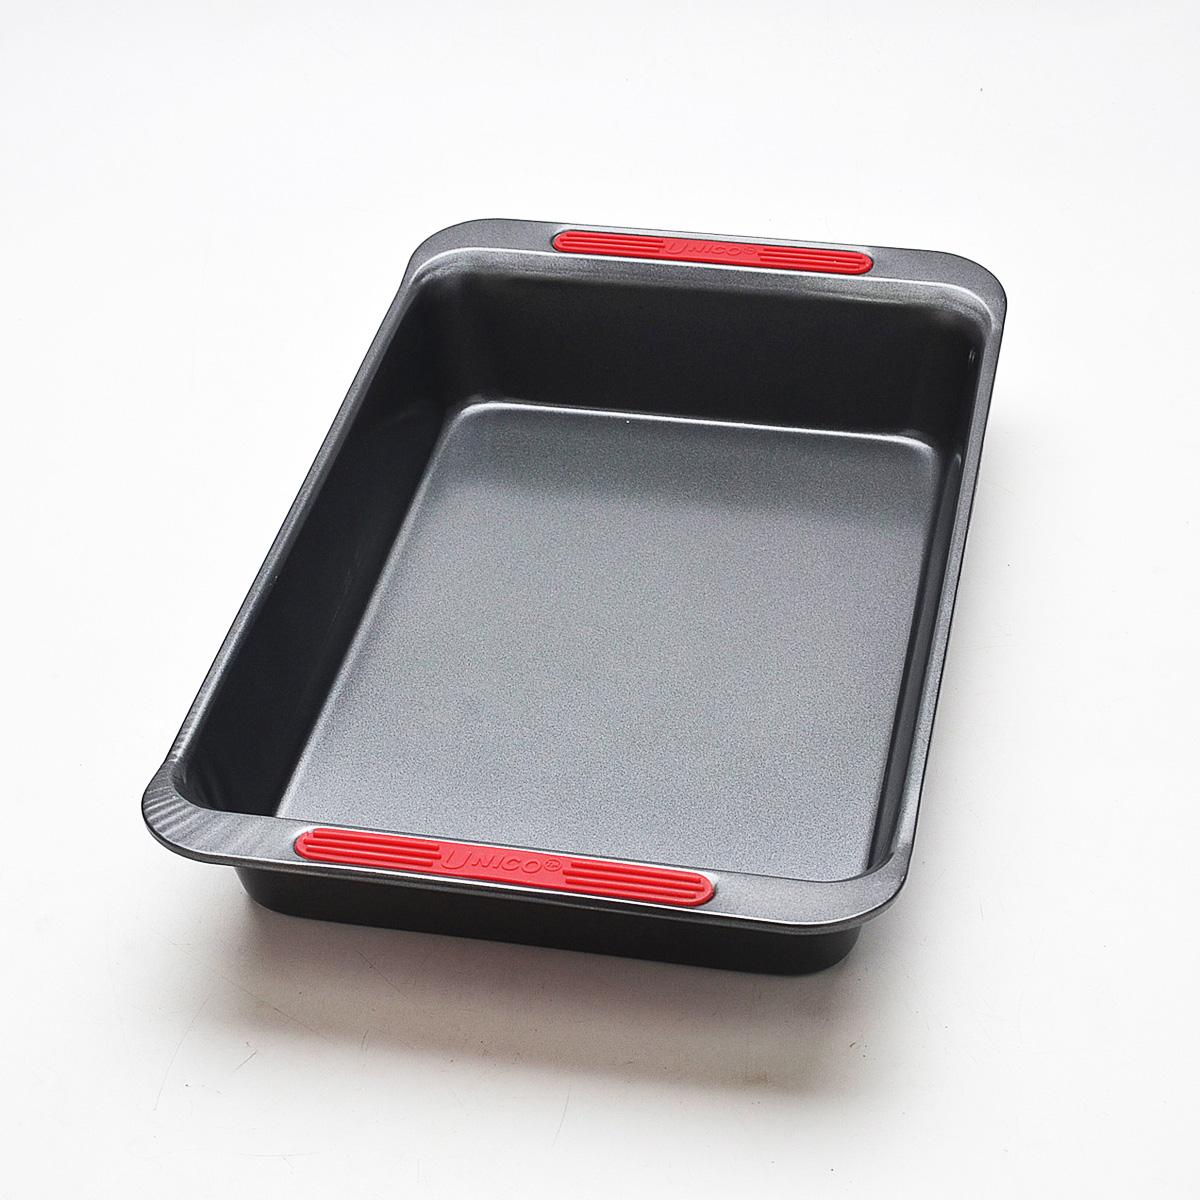 Форма для запекания Mayer & Boch Unico, прямоугольная, с антипригарным покрытием, 41 х 25 х 6,5 см21915Прямоугольная форма для запекания Mayer & Boch Unico изготовлена из высококачественной углеродистой стали с антипригарным покрытием, которое отличается экологичностью и безопасно для здоровья человека. Пища не пригорает, не липнет к стенкам и легко вынимается из формы. После использования форма легко чистится. Удобные ручки оснащены силиконовыми вставками, что позволит не использовать прихватки. Простая в уходе и долговечная в использовании форма станет верным помощником в создании ваших кулинарных шедевров. Подходит для использования в духовом шкафу. Не подходит для СВЧ-печей. Не рекомендуется мыть в посудомоечной машине. Используйте только деревянные и пластиковые лопатки. Размер (с учетом ручек): 41 см х 25 см. Размер (без учета ручек): 36 см х 23 см.Высота стенок: 6,5 см.